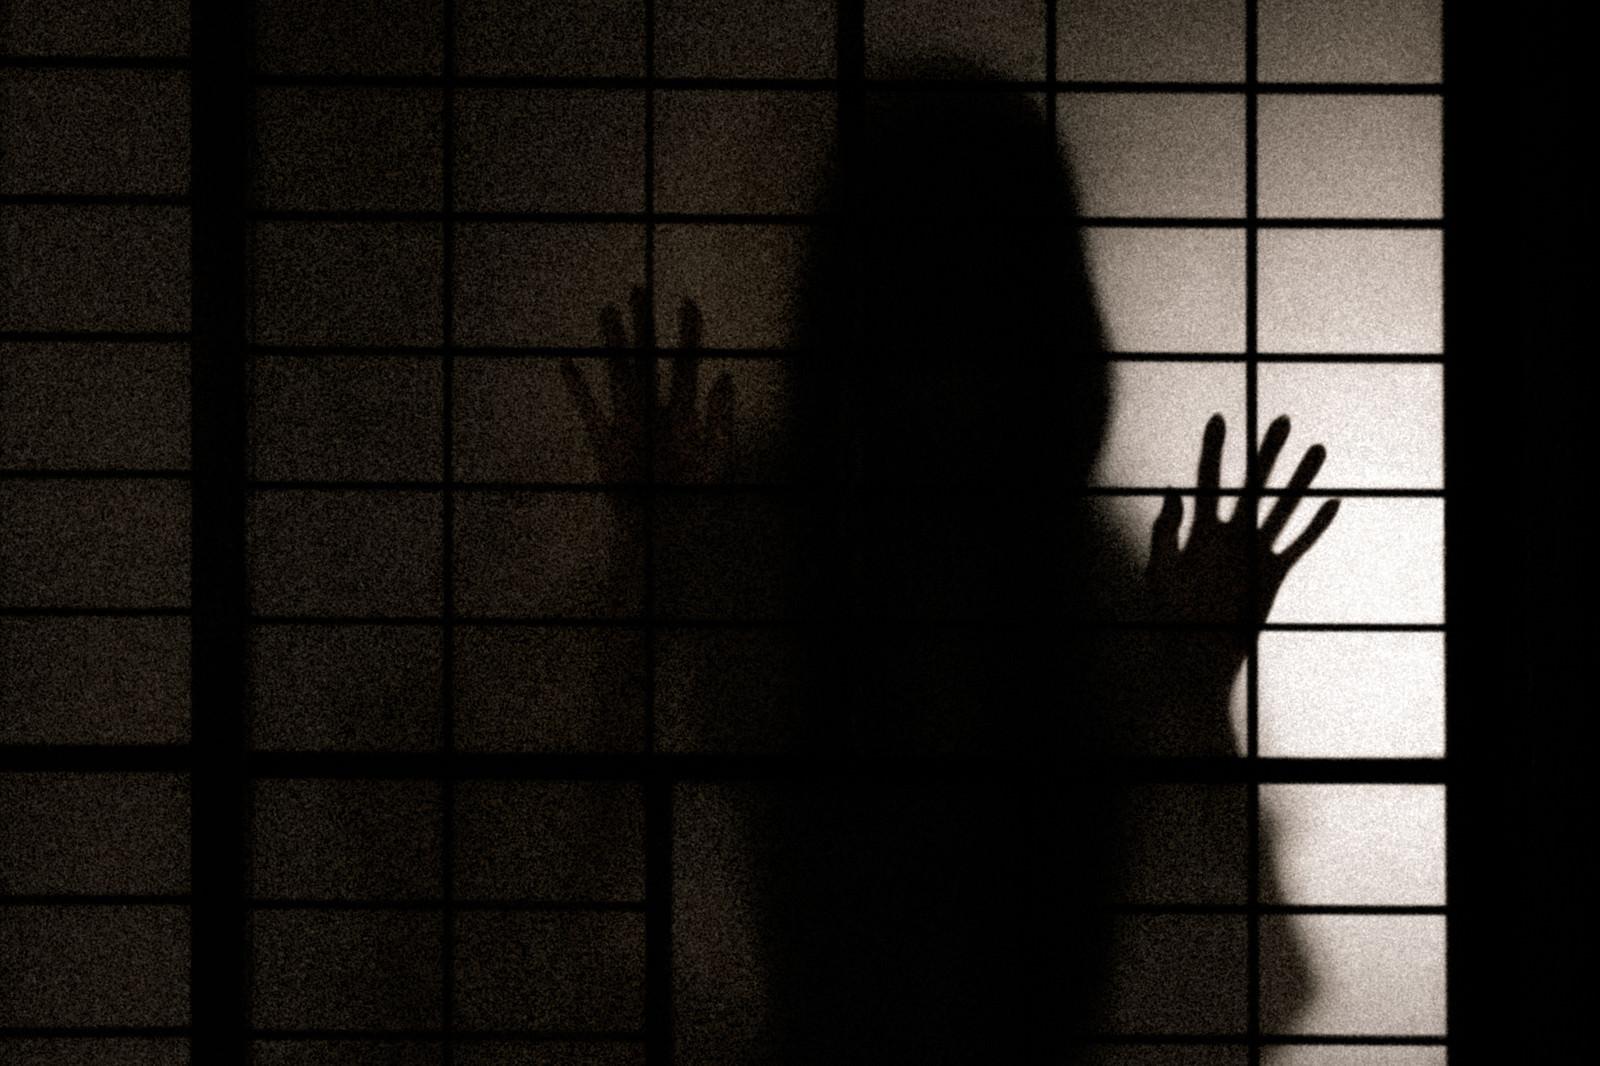 「障子の越しに中を覗こうとする女性のシルエット」の写真[モデル:緋真煉]